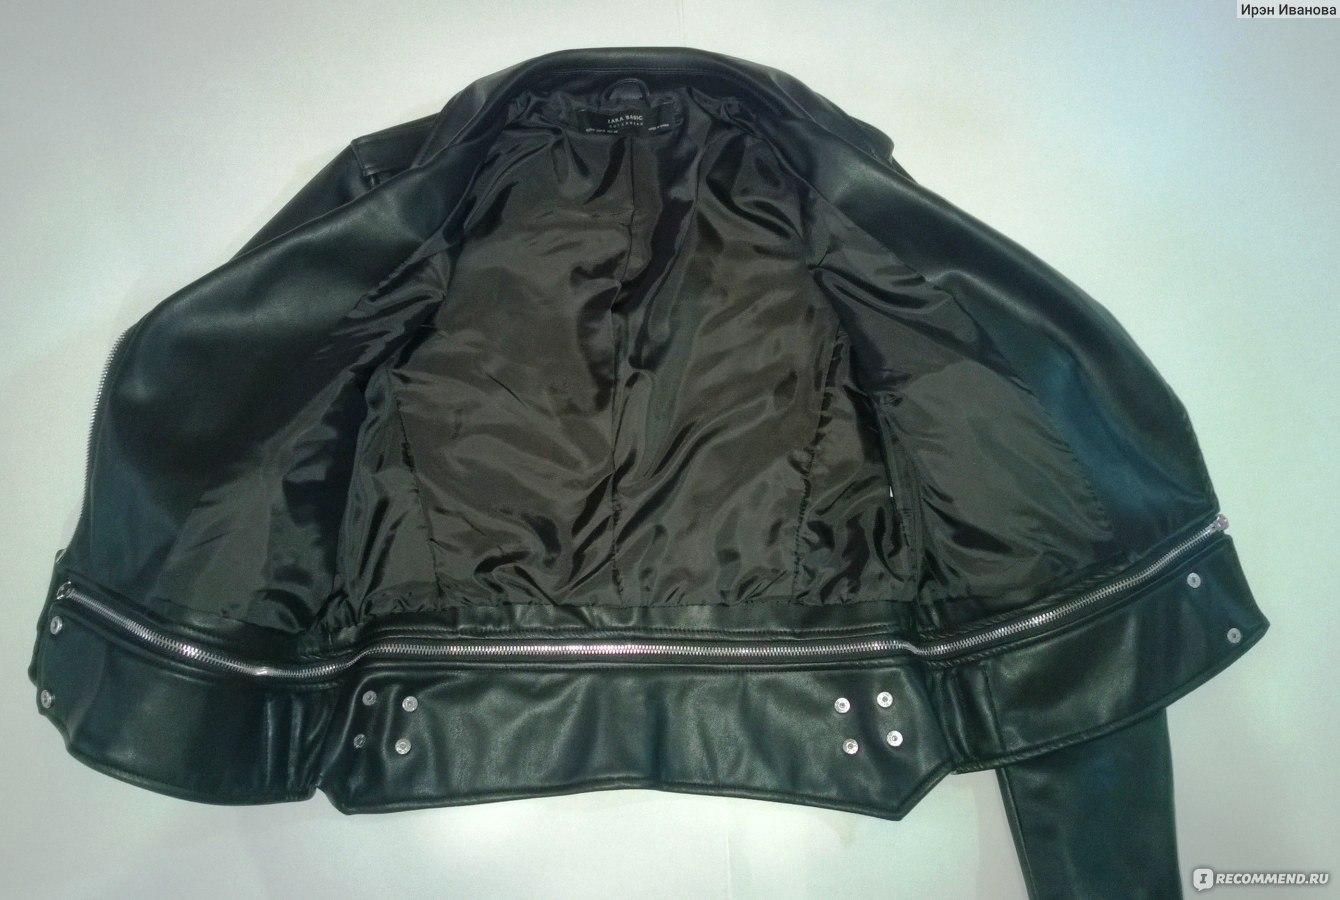 409354be3790 Куртка из искусственной кожи ZARA Цвет  Черный 3046 231 - «Куртка на ...